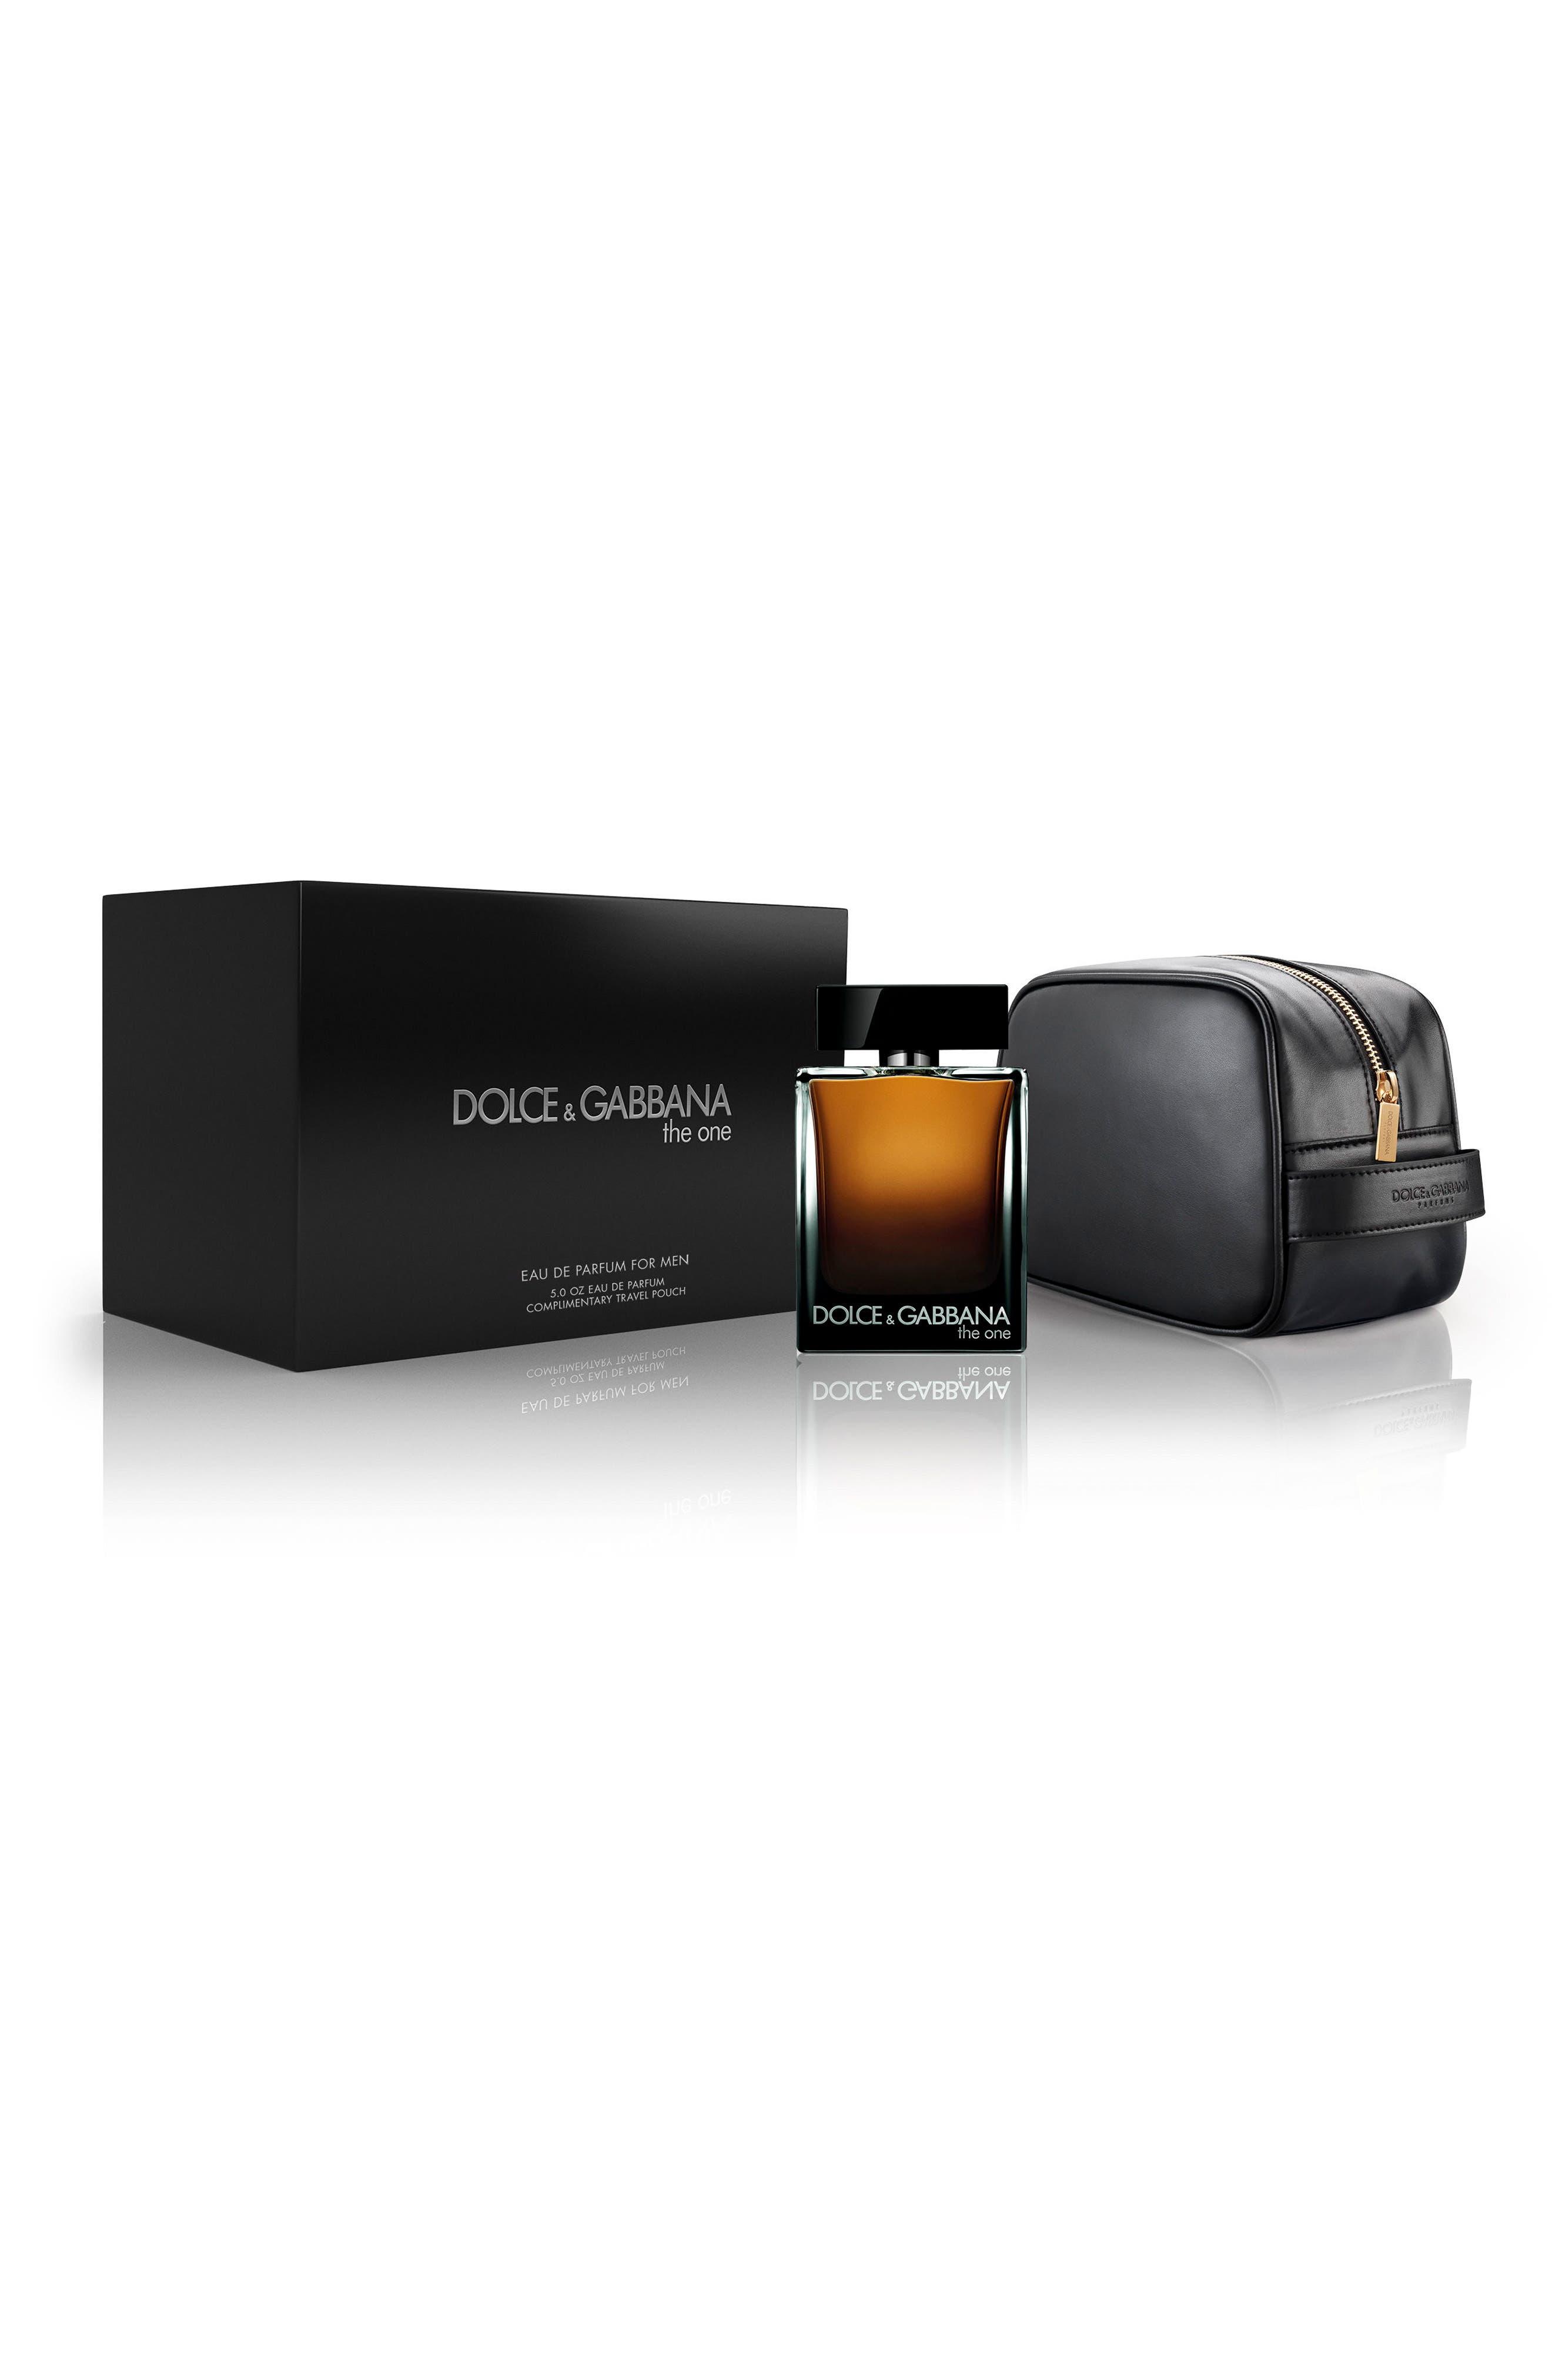 Dolce&Gabbana The One for Men Eau de Parfum Set,                             Main thumbnail 1, color,                             NO COLOR